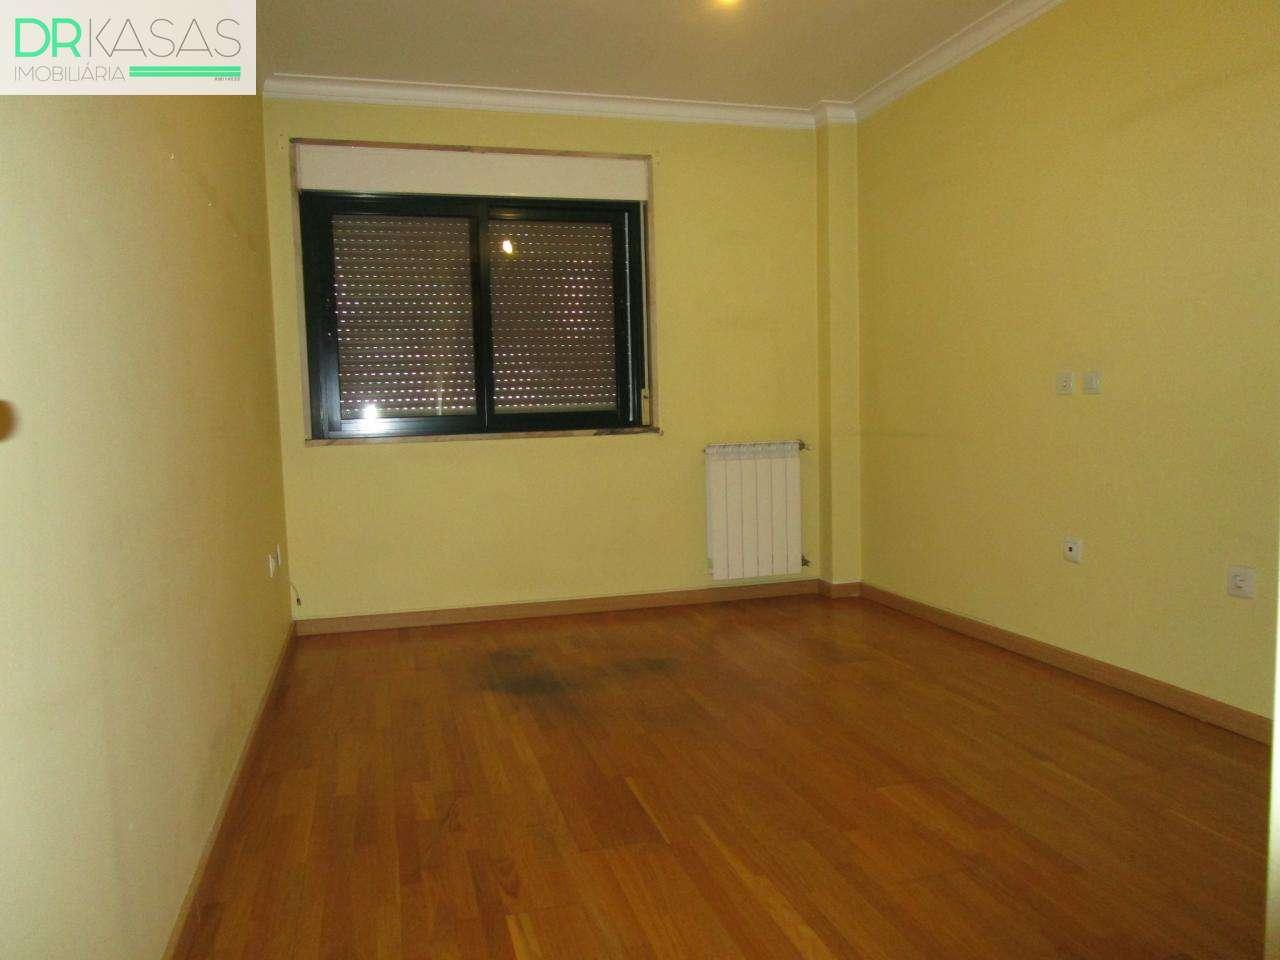 Apartamento para comprar, Barreiro e Lavradio, Barreiro, Setúbal - Foto 7